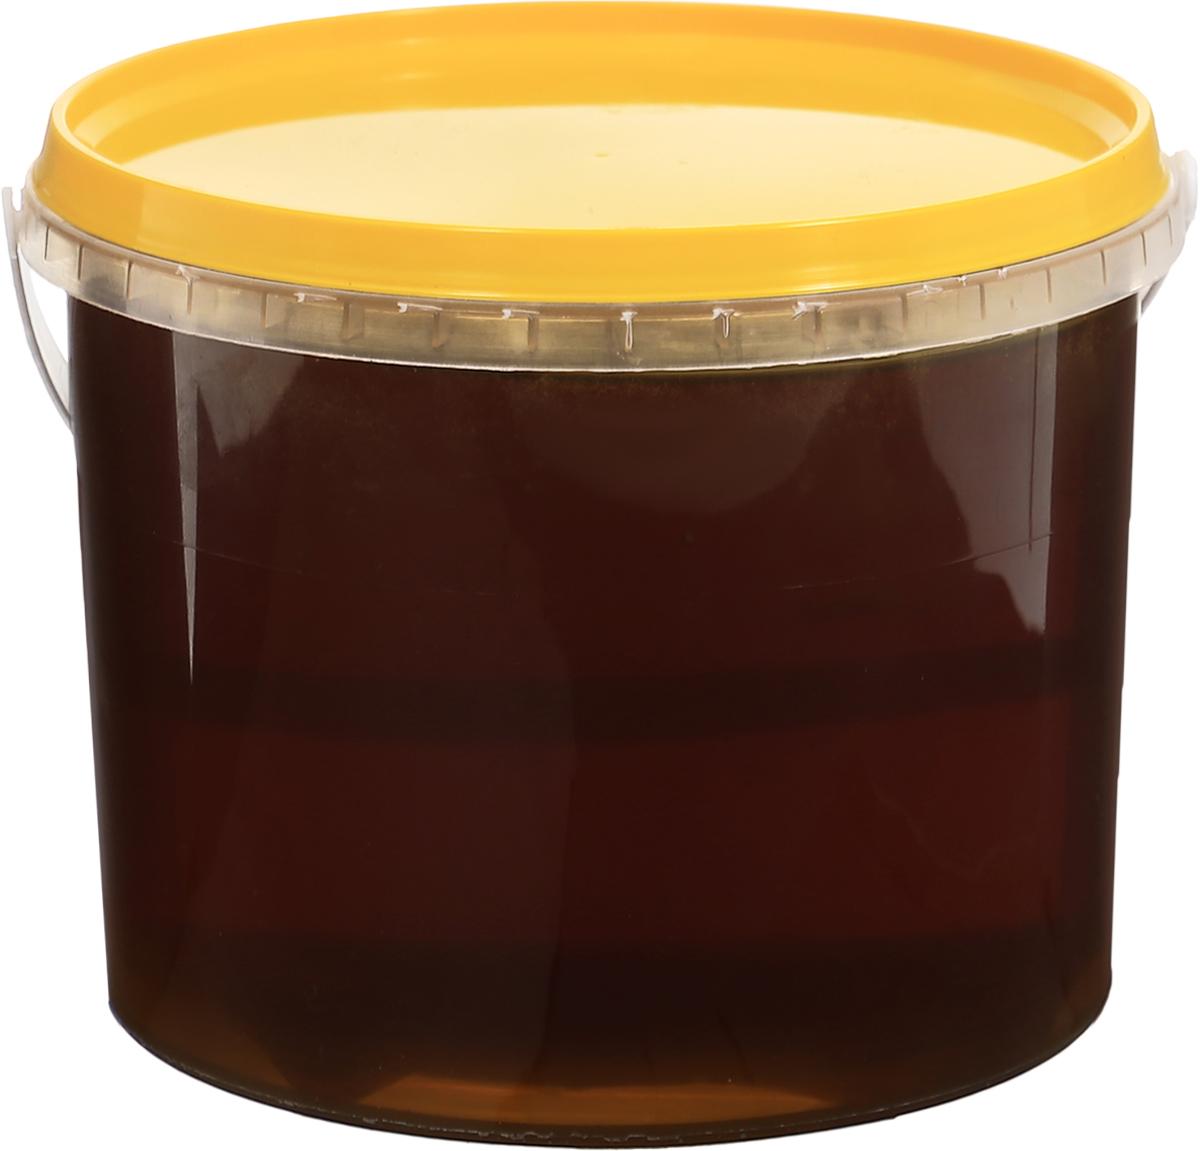 Медовед мед натуральный горный, 1 кг4627123647569За счет своих уникальных природных свойств пользу горного меда переоценить невозможно. Применяется он для лечения и профилактики многих заболеваний. Нектар собирается пчелами в предгорьях и у подножий гор. Пчелы собирают нектар с таких редких цветков, как, мелисса, чабрец, левзея, душица фацелия, розовая радиола, синяк, боярышник и других растений. Этим обусловлены особо ценные вкусовые и лечебные свойства натурального горного меда. Цвет у меда разный, как правило, от соломенно-желтого до светло-коричневого. Натуральный горный мед применяется при лечении ангины, насморка, ларингита, трахеита, сердечно- сосудистой системы и как общеукрепляющее средство. Обладает сильными антибактериальными свойствами. Полезен при атеросклерозе, заболеваниях печени, повышенной функции щитовидной железы, а также - как успокоительное при нервных заболеваниях и бессоннице. Народная медицина советует применять его при головокружении и одышке. Научная медицина рекомендует этот сорт...